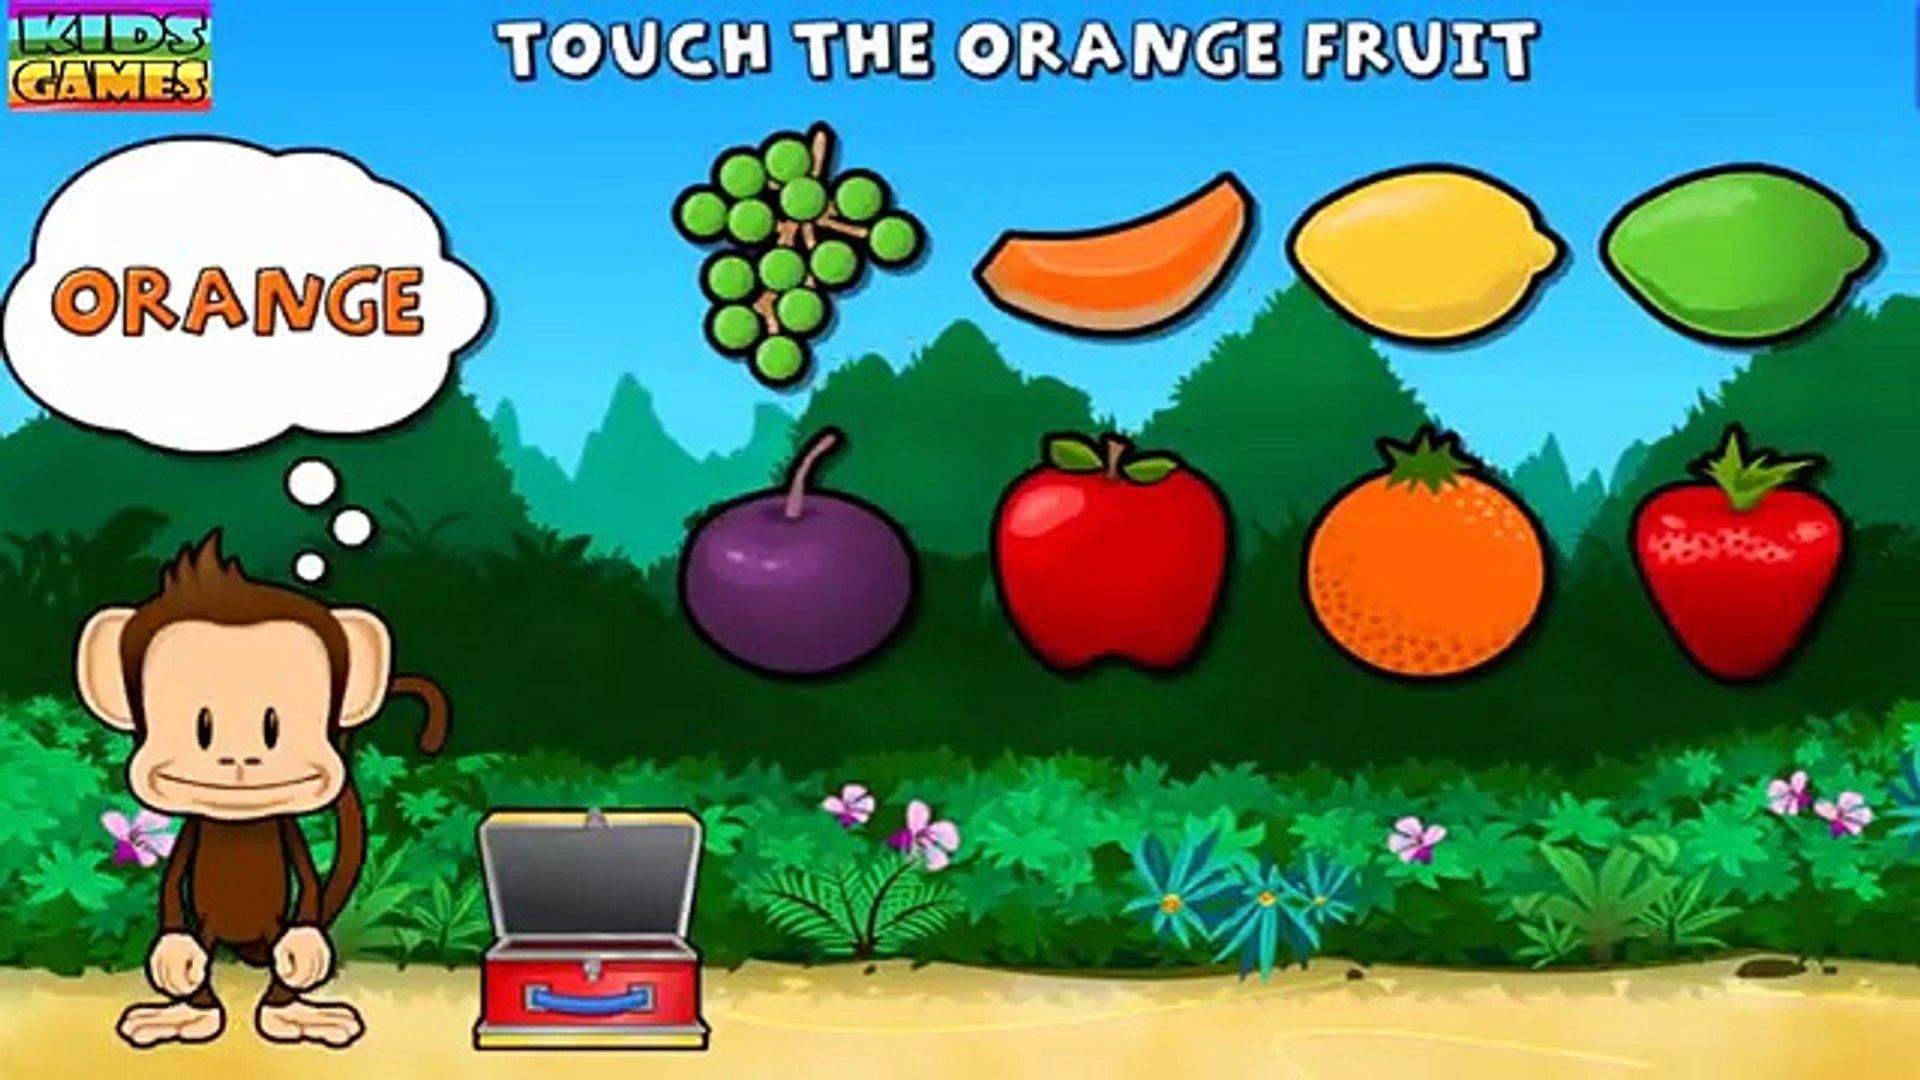 Образование мультфильм обезьяна дошкольного lunchbox узнать названия фрукты и овощи игры для малышей